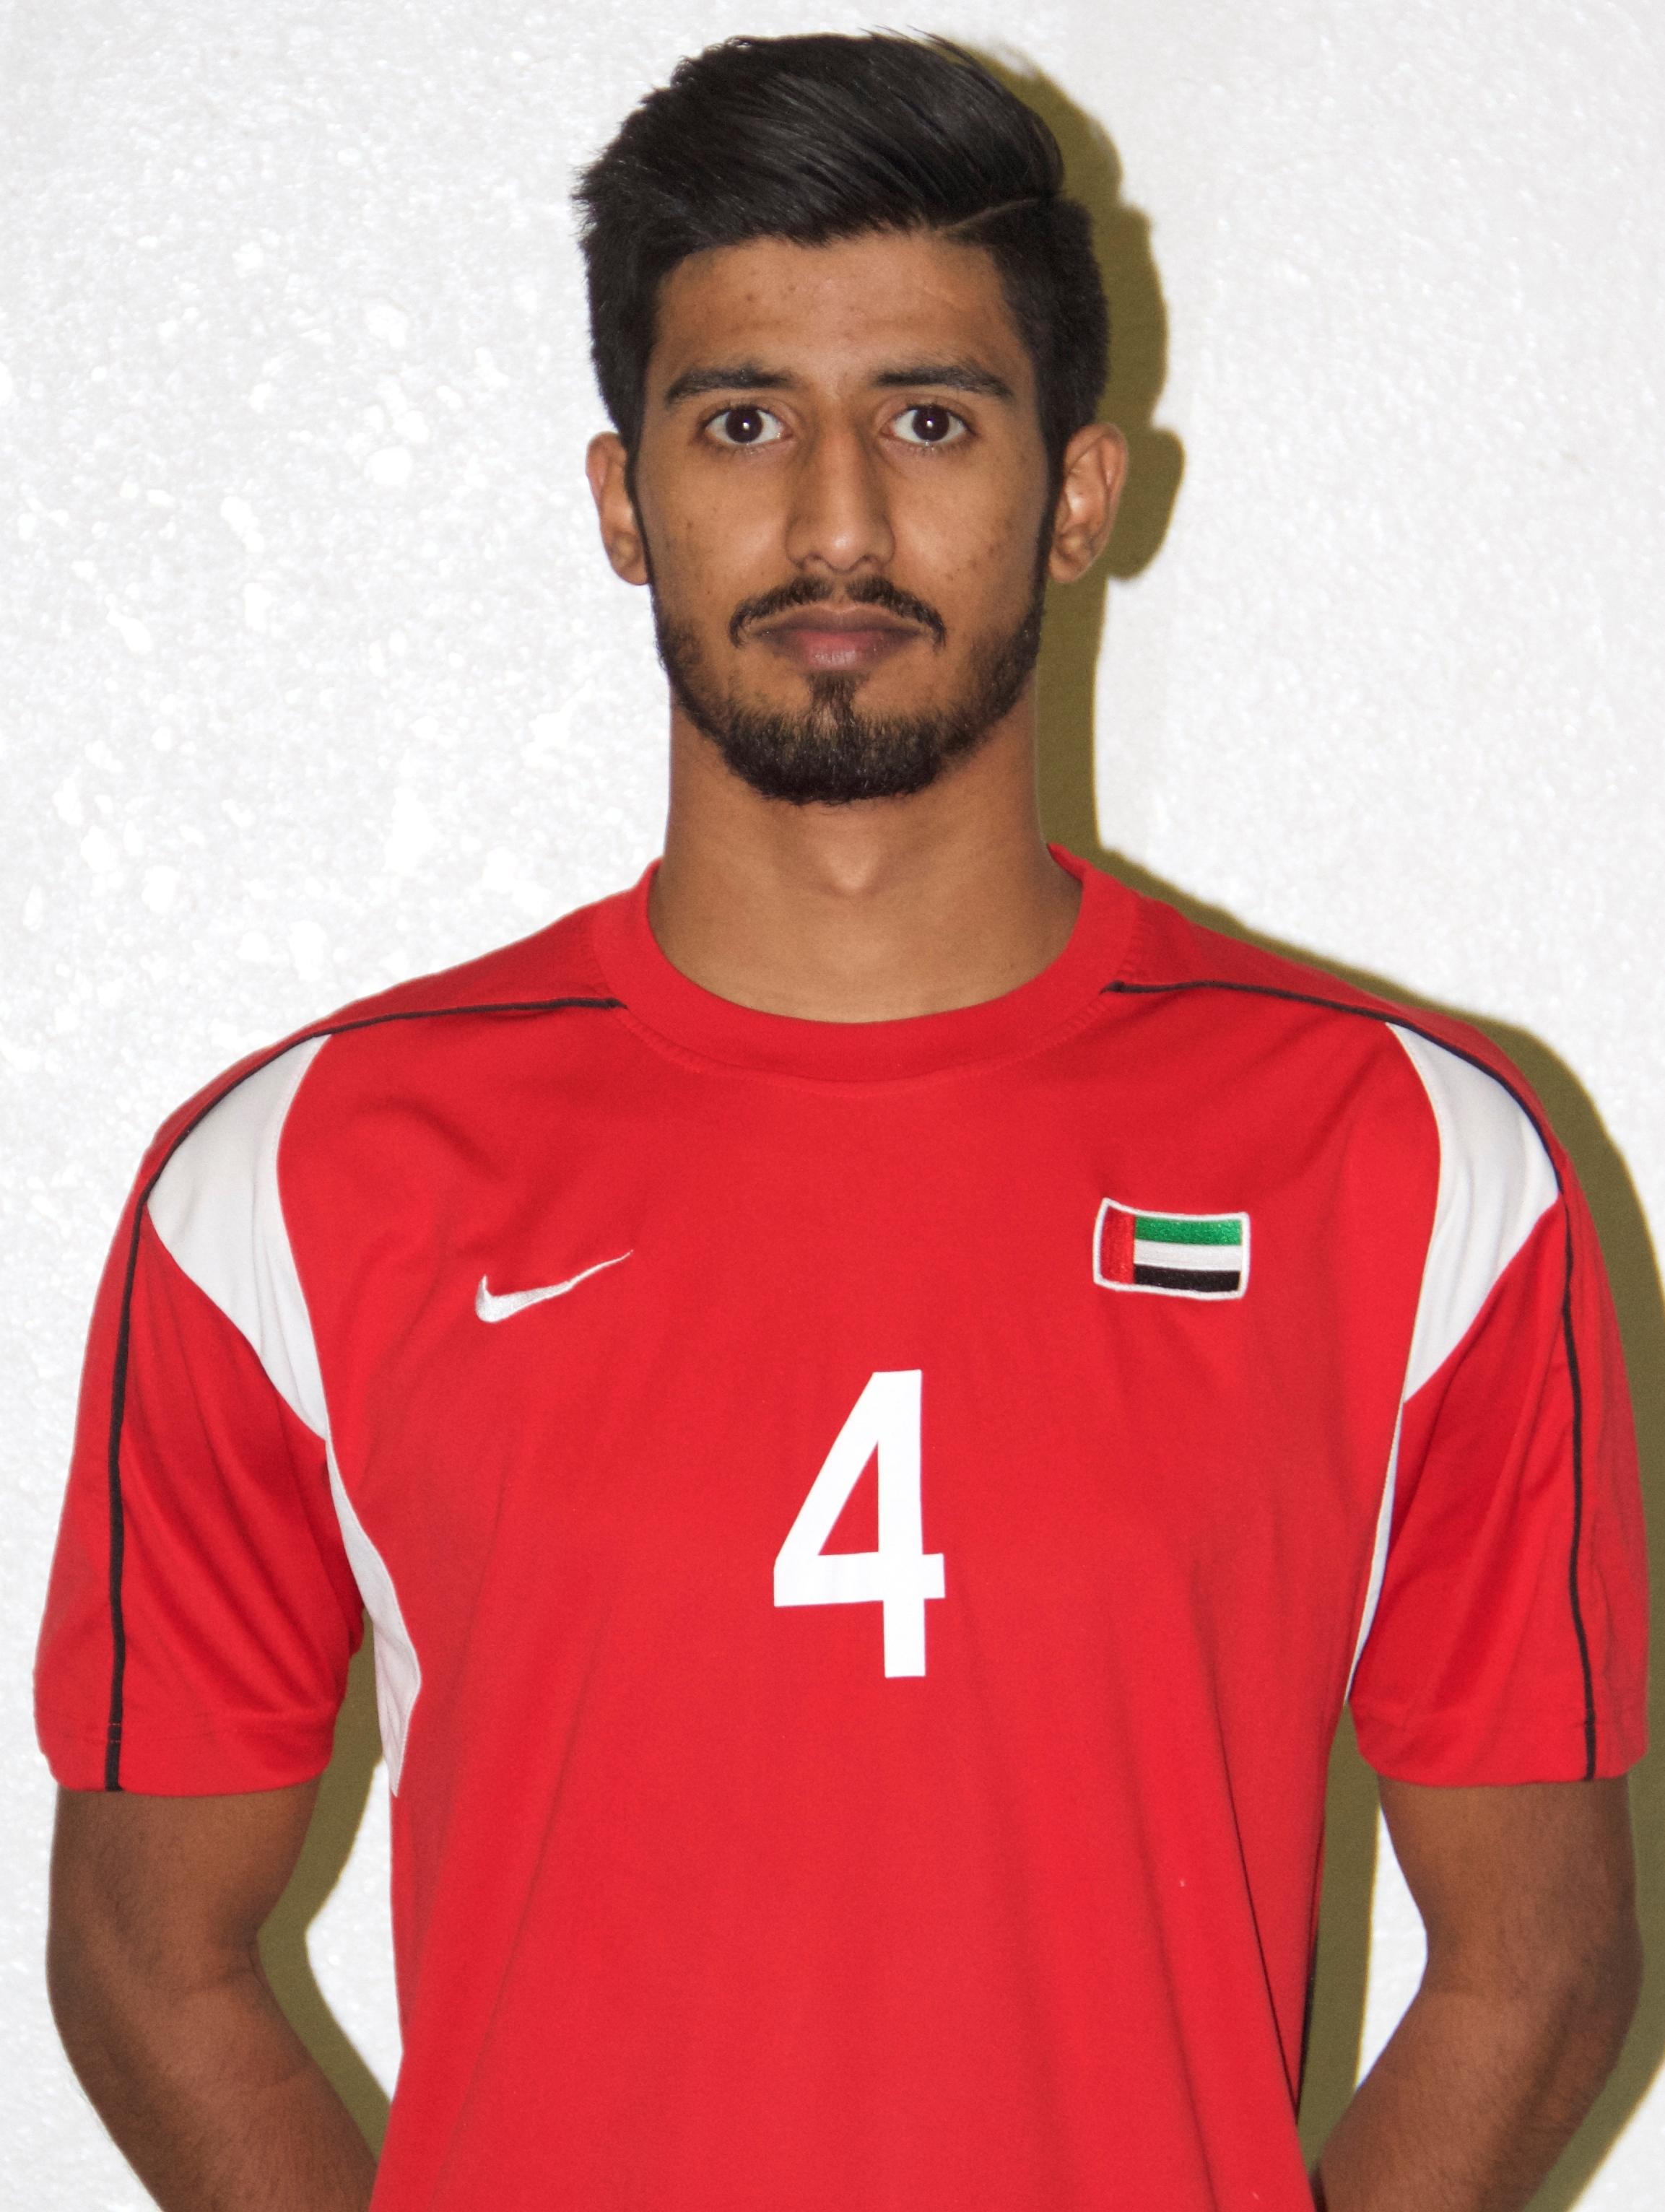 Khalid Aldhuhoori